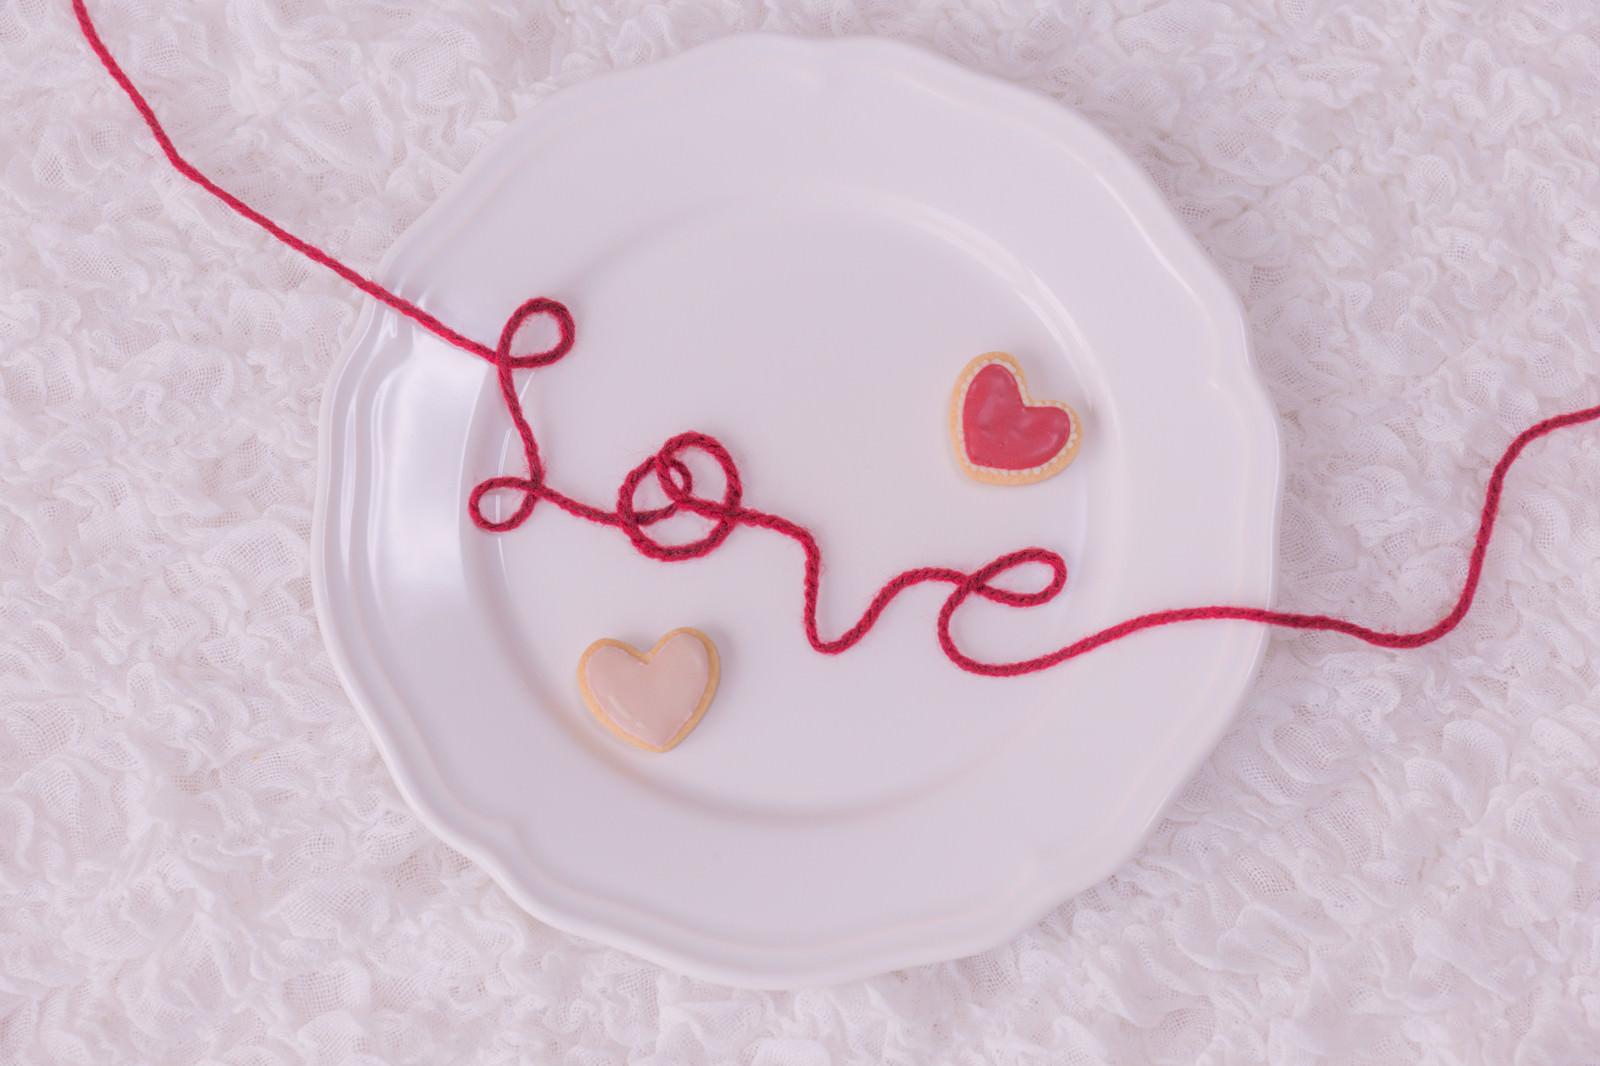 赤い糸のLOVEとハートのフリー素材